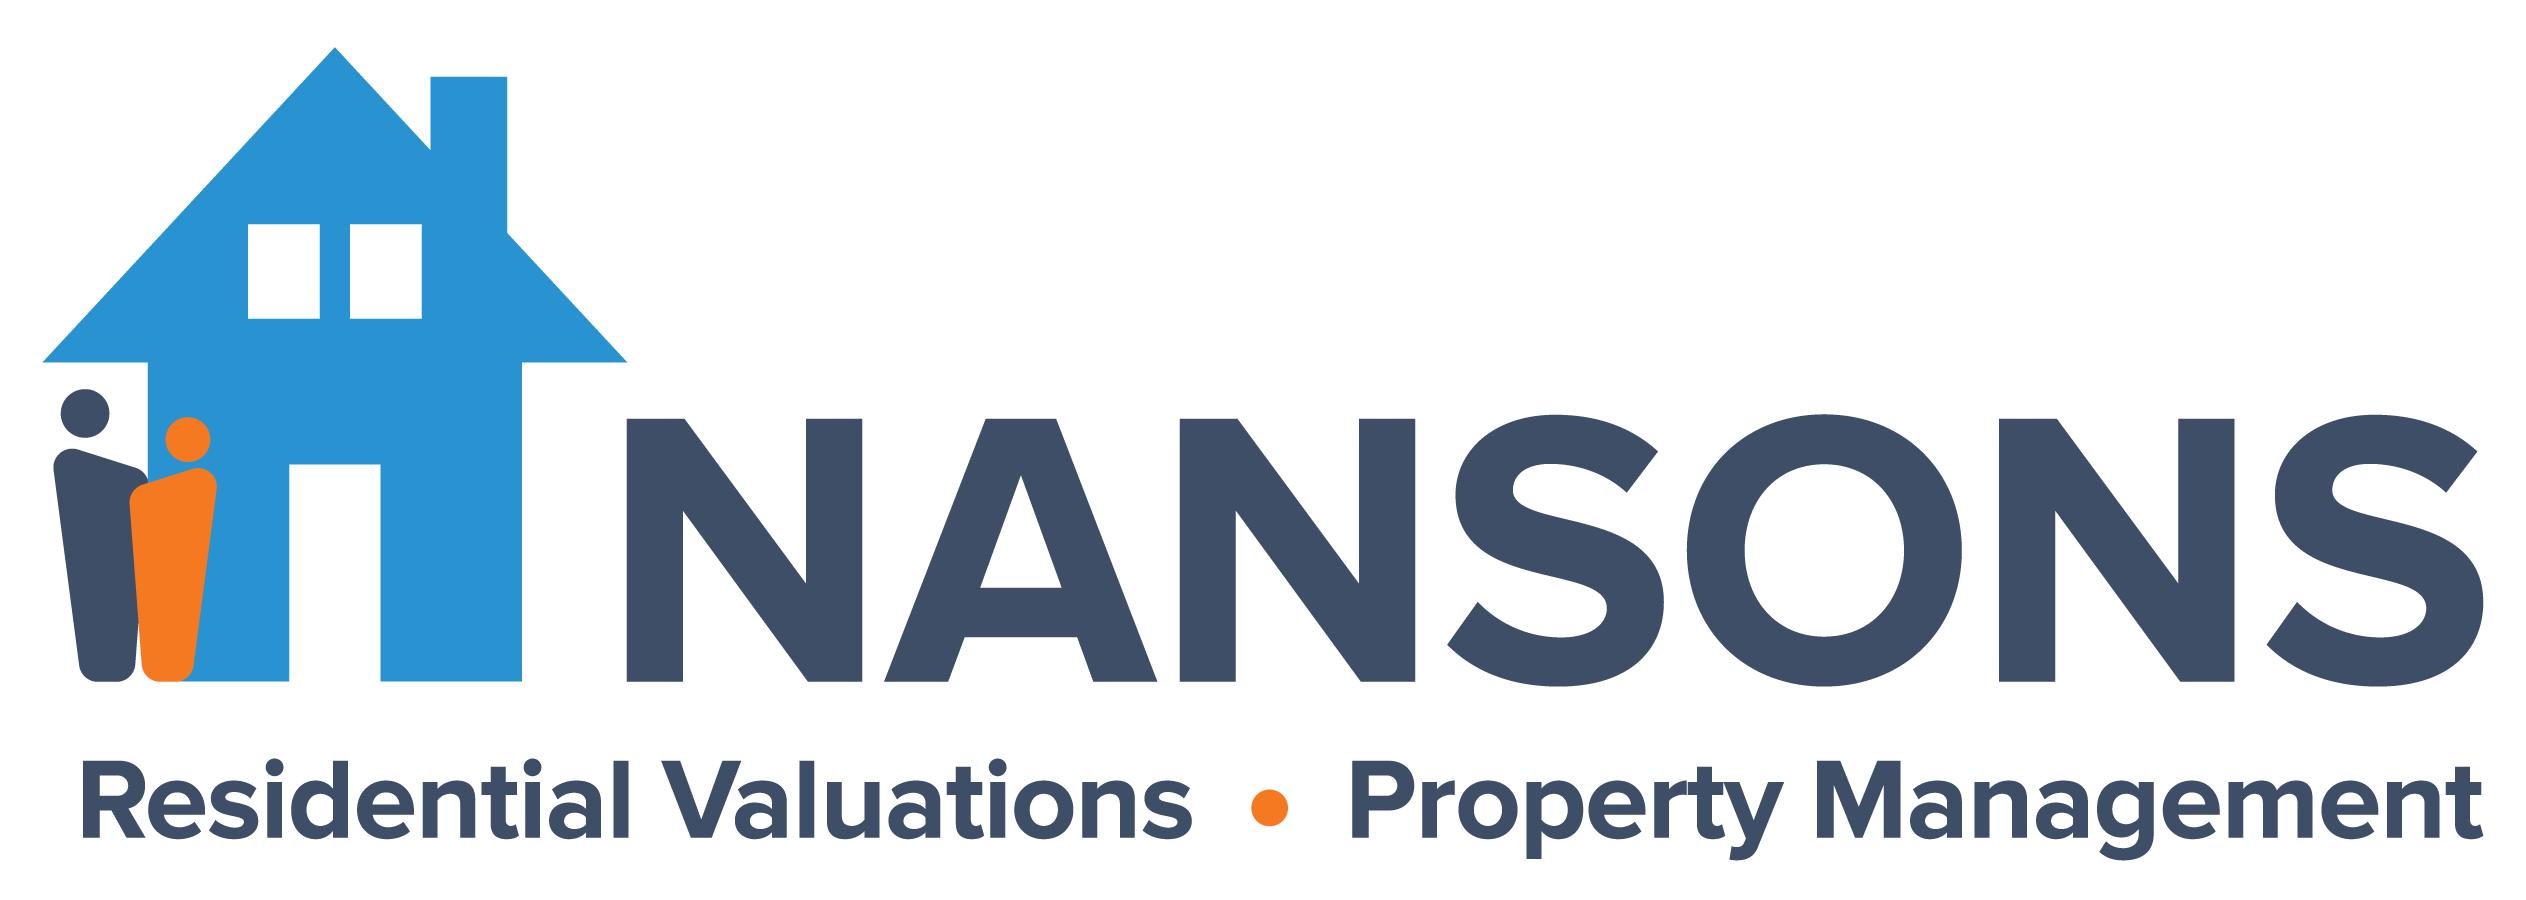 Jon Nanson Valuations